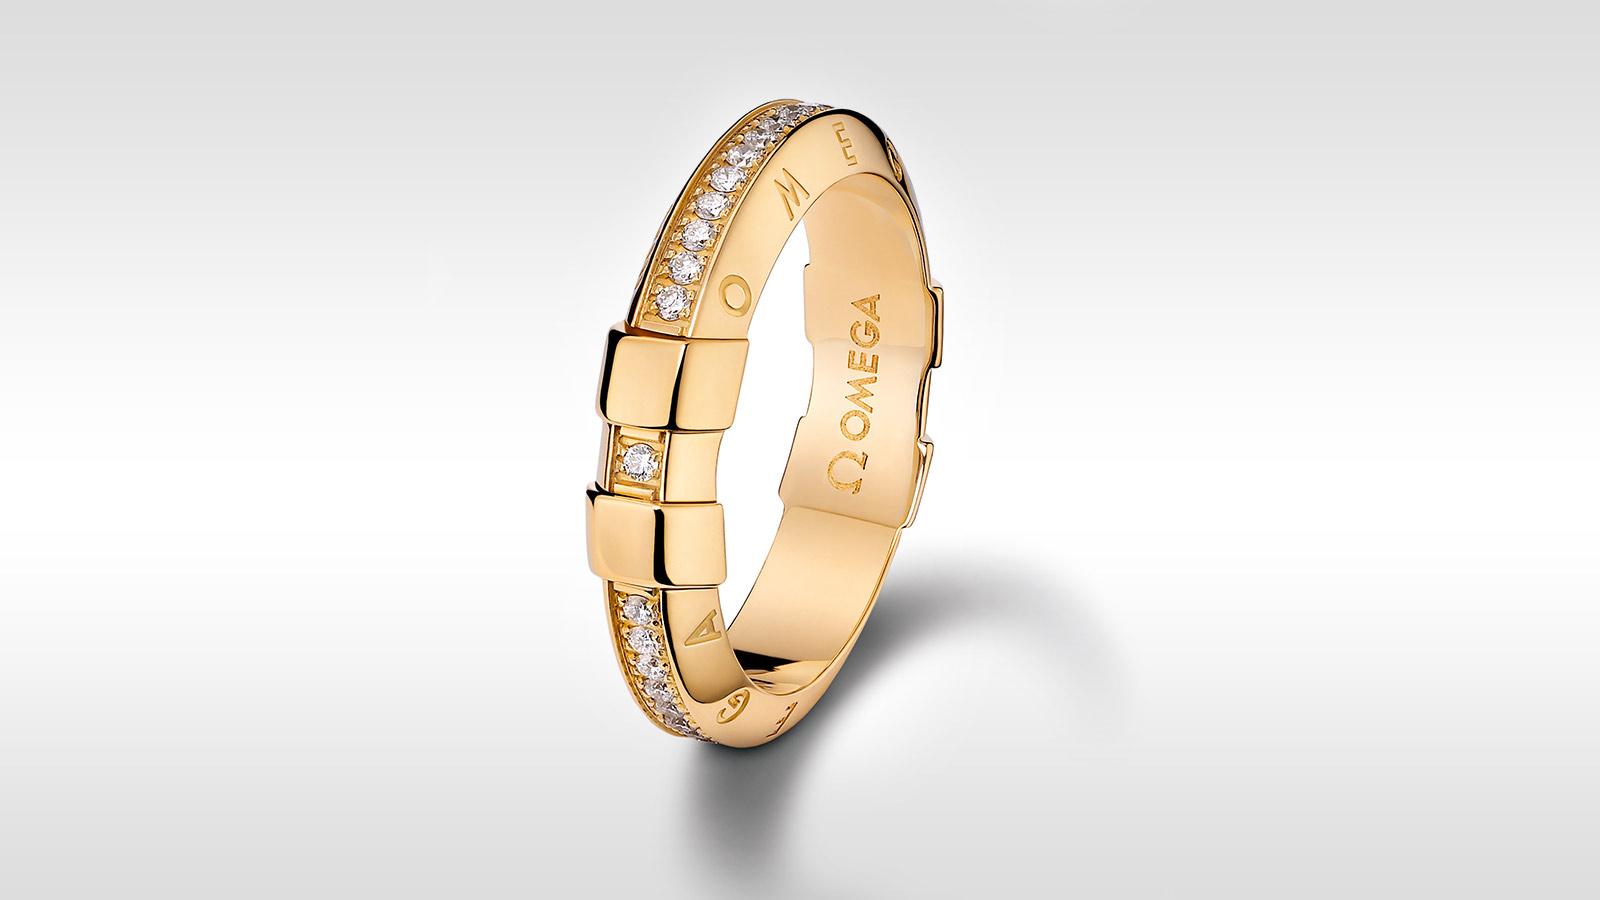 星座系列 戒指 星座系列 戒指 - R47BBA01004XX - 查看 1